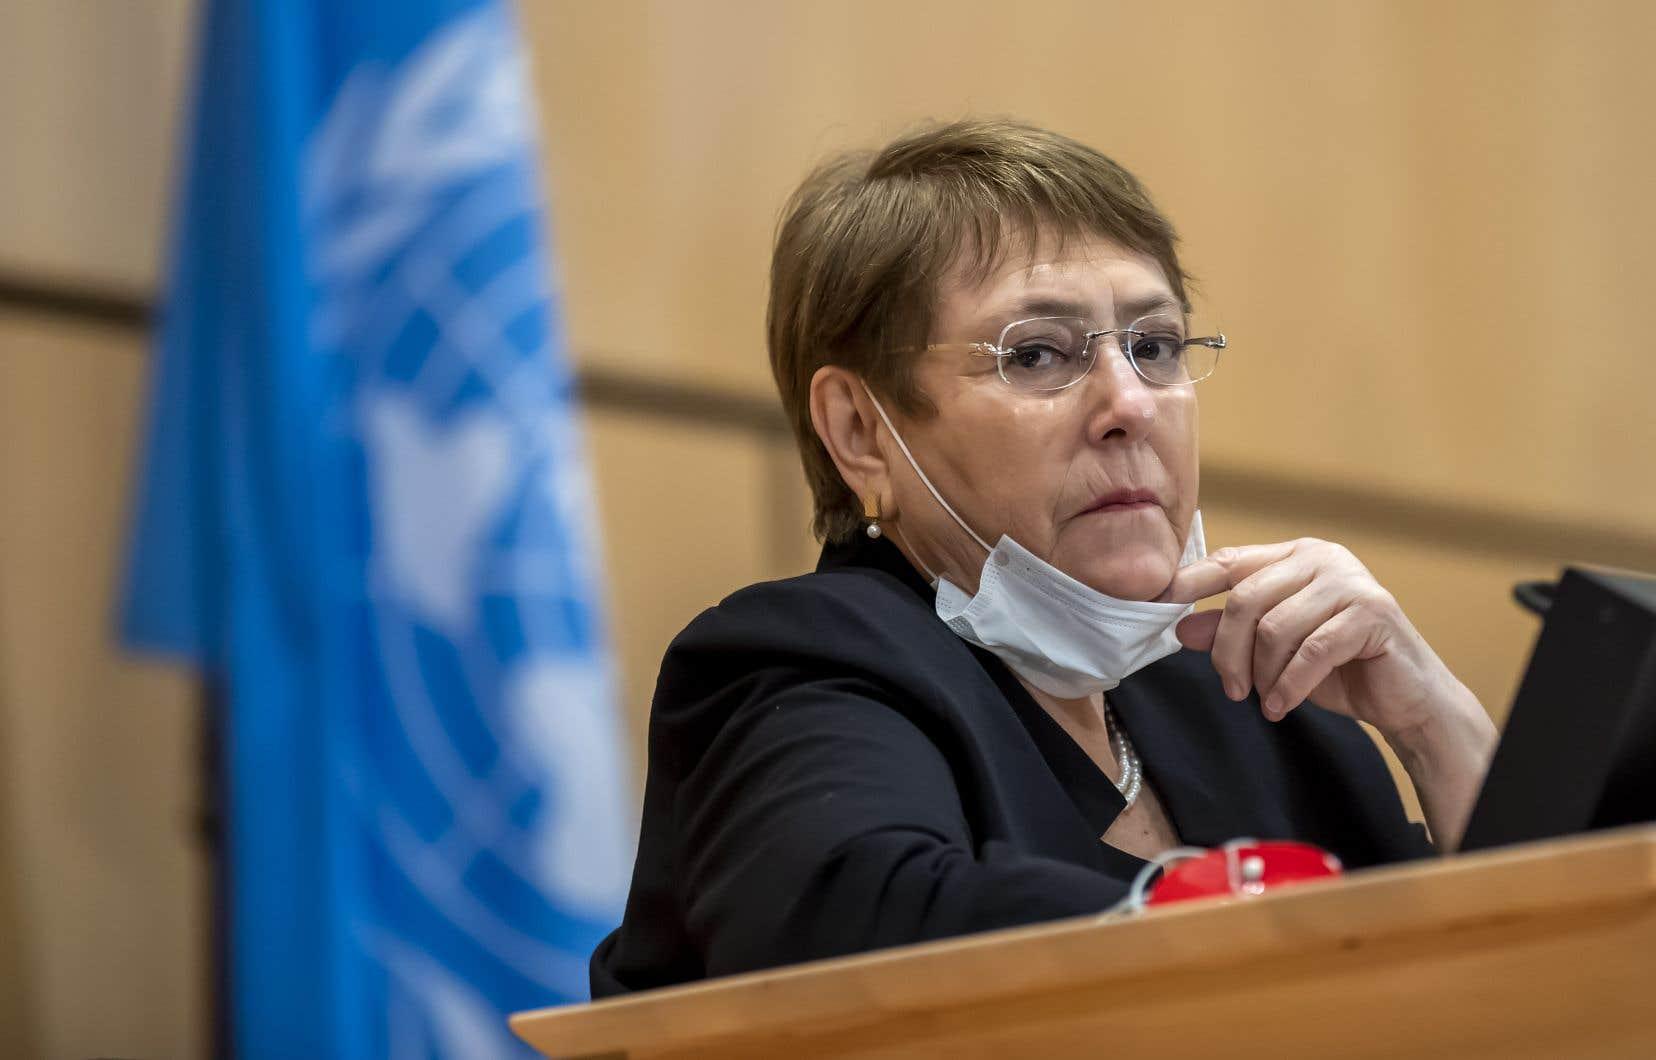 «L'annexion est illégale. Point final», a affirmé Michelle Bachelet, la Haut-Commissaire de l'ONU aux droits de l'Homme, dans une déclaration écrite. «Toute annexion. Qu'il s'agisse de 30% de la Cisjordanie ou de 5%».